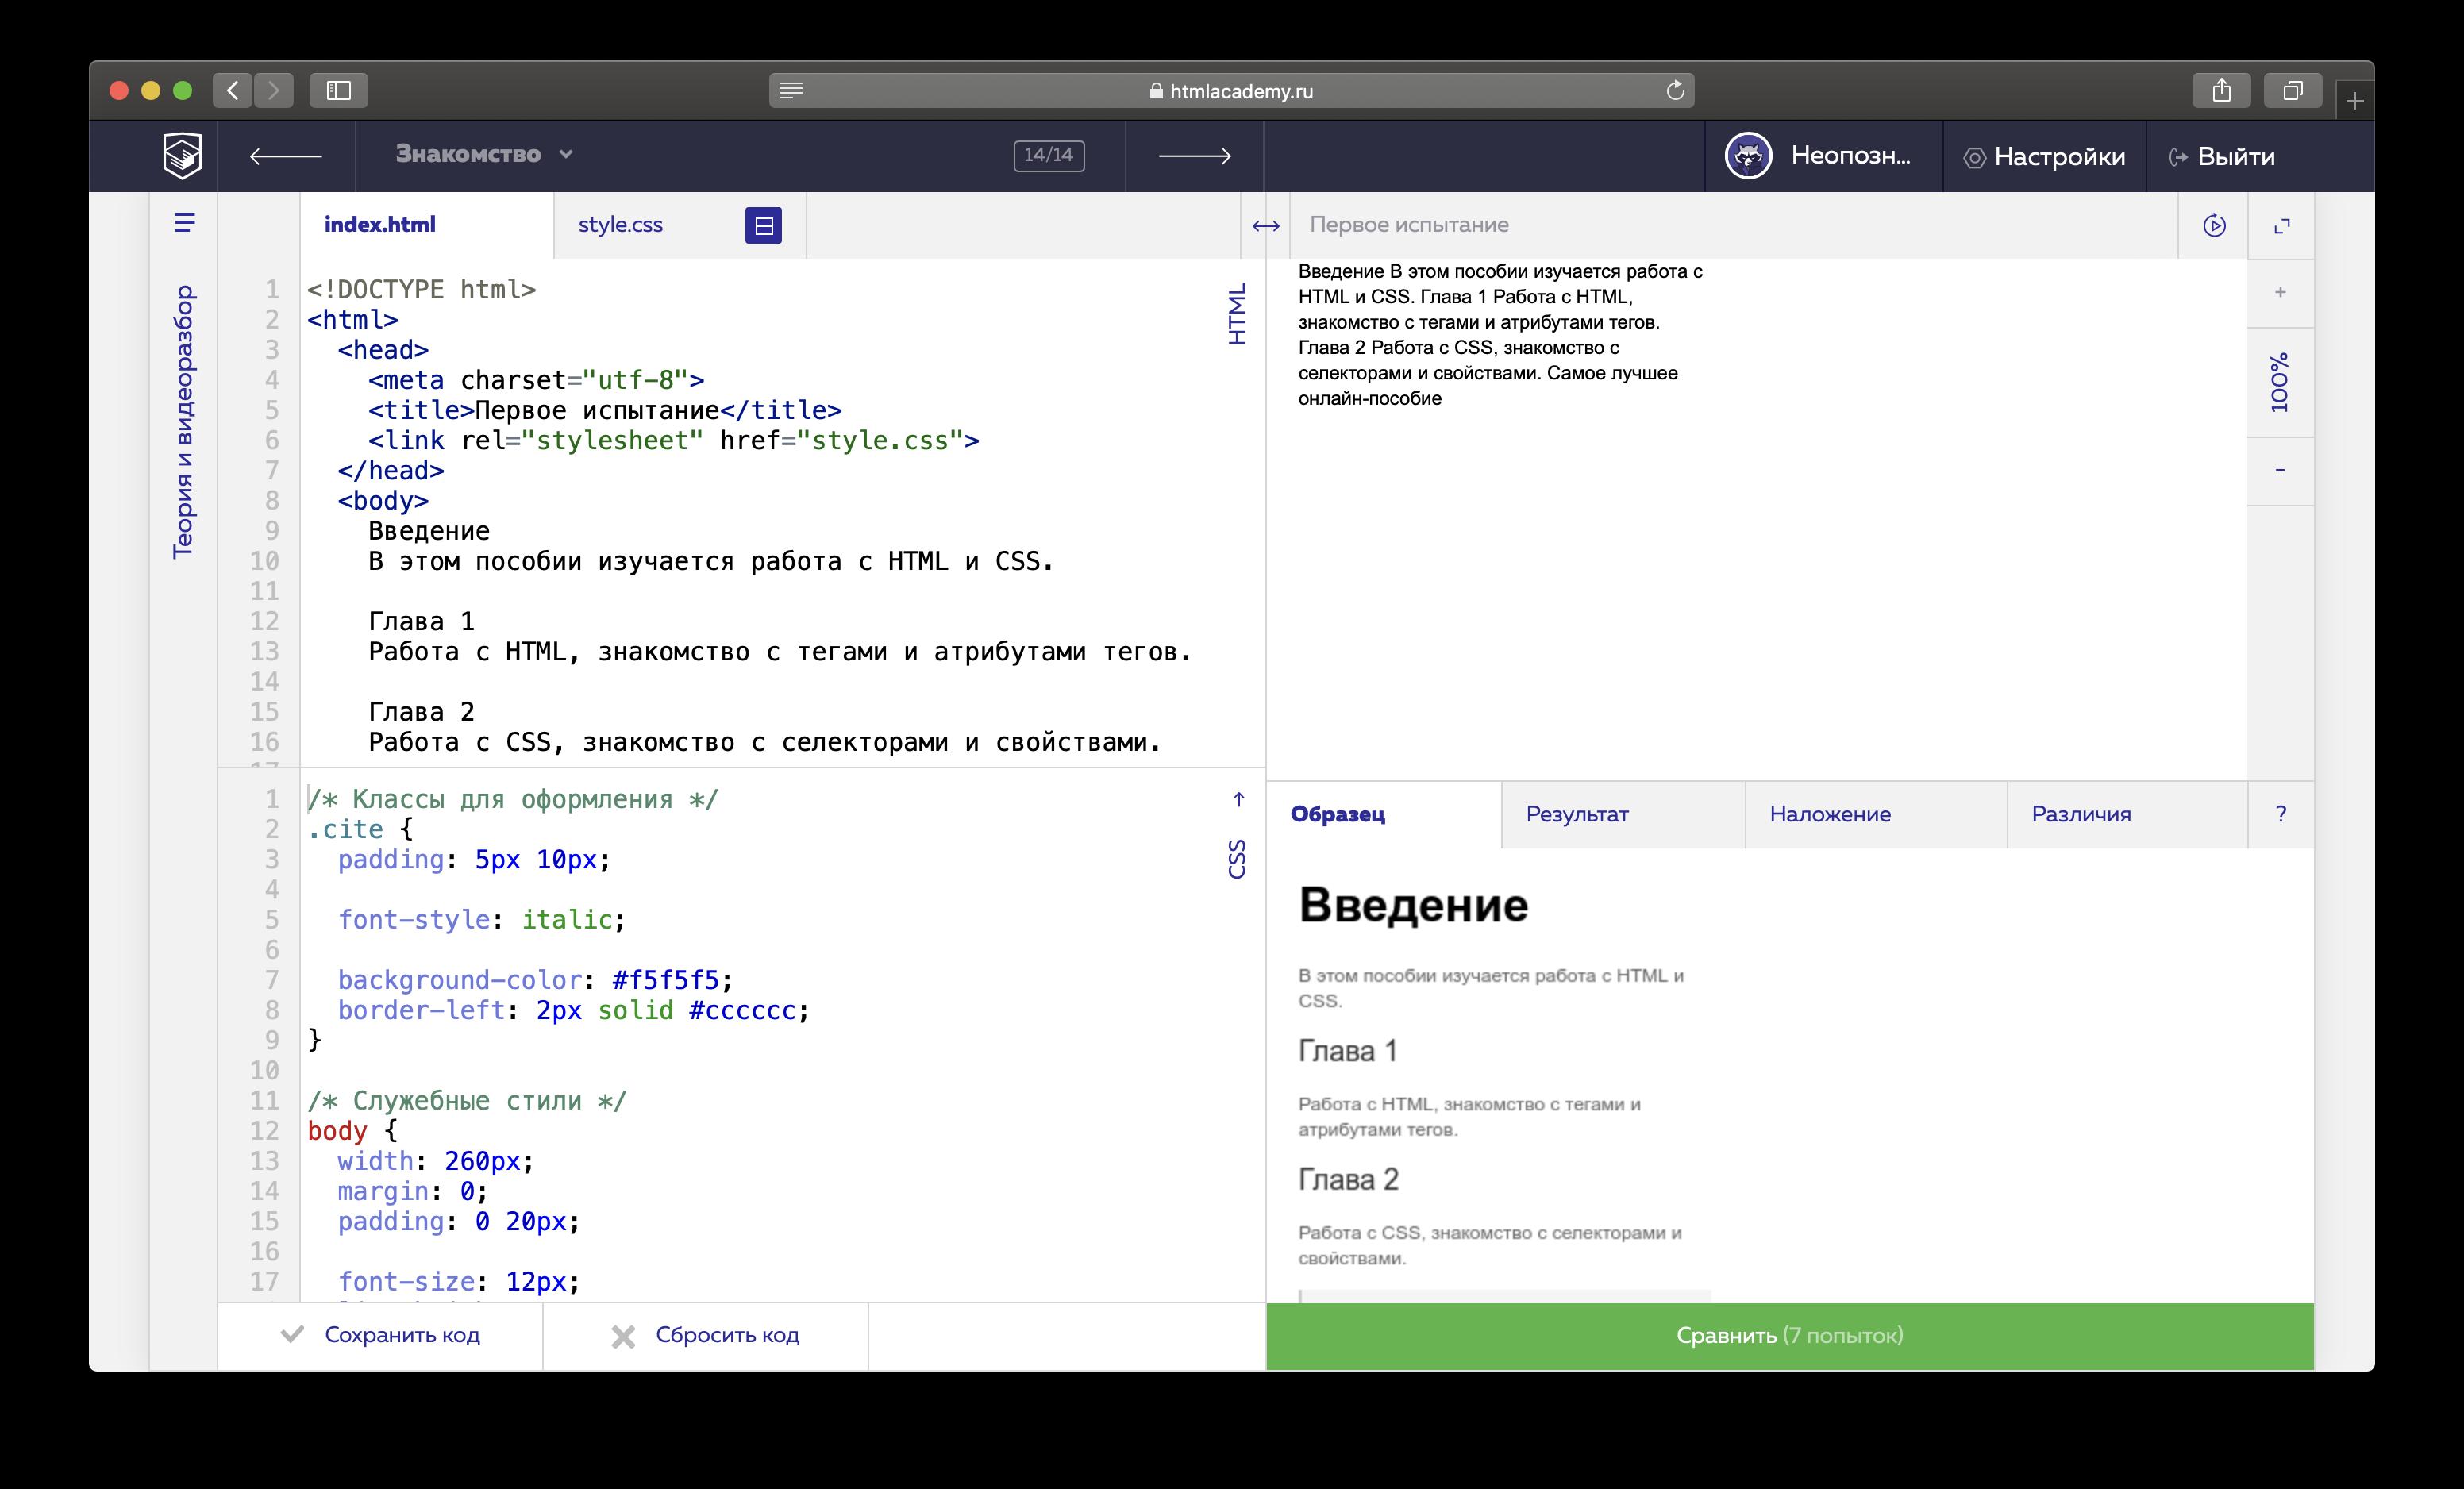 Пять бесплатных автоматизированных платформ для изучения и прокачки в программировании - 1